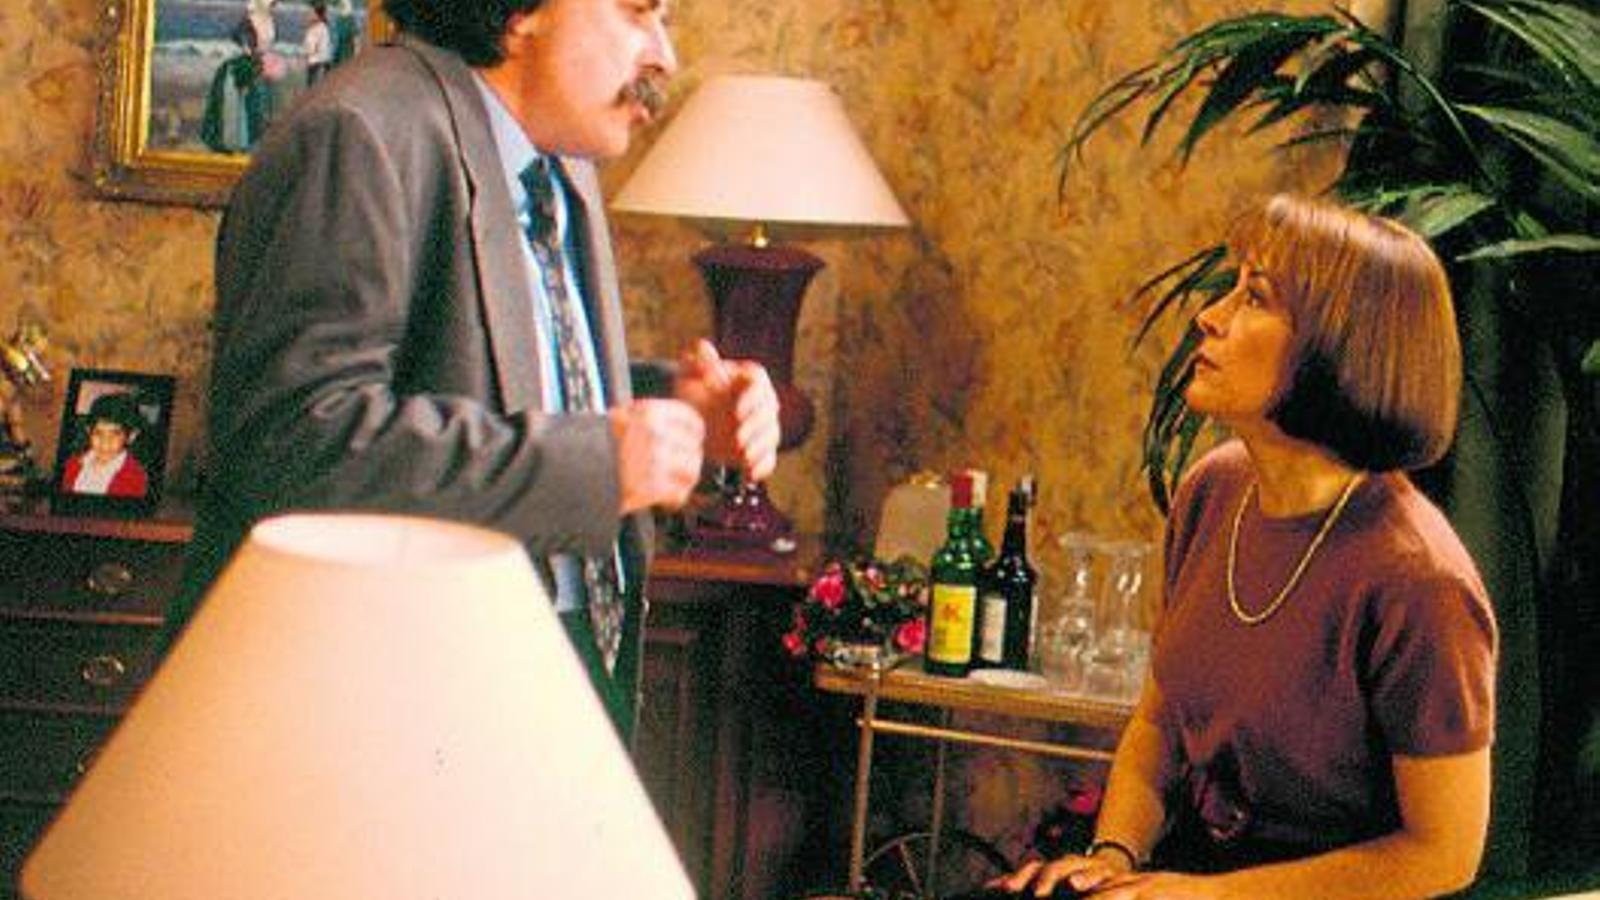 PARES DE FAMÍLIA  El desaparegut Miquel Cors  i Margarida Minguillón interpretaven l'Antònio i la Rosa, els pares de la família protagonista de Poblenou.